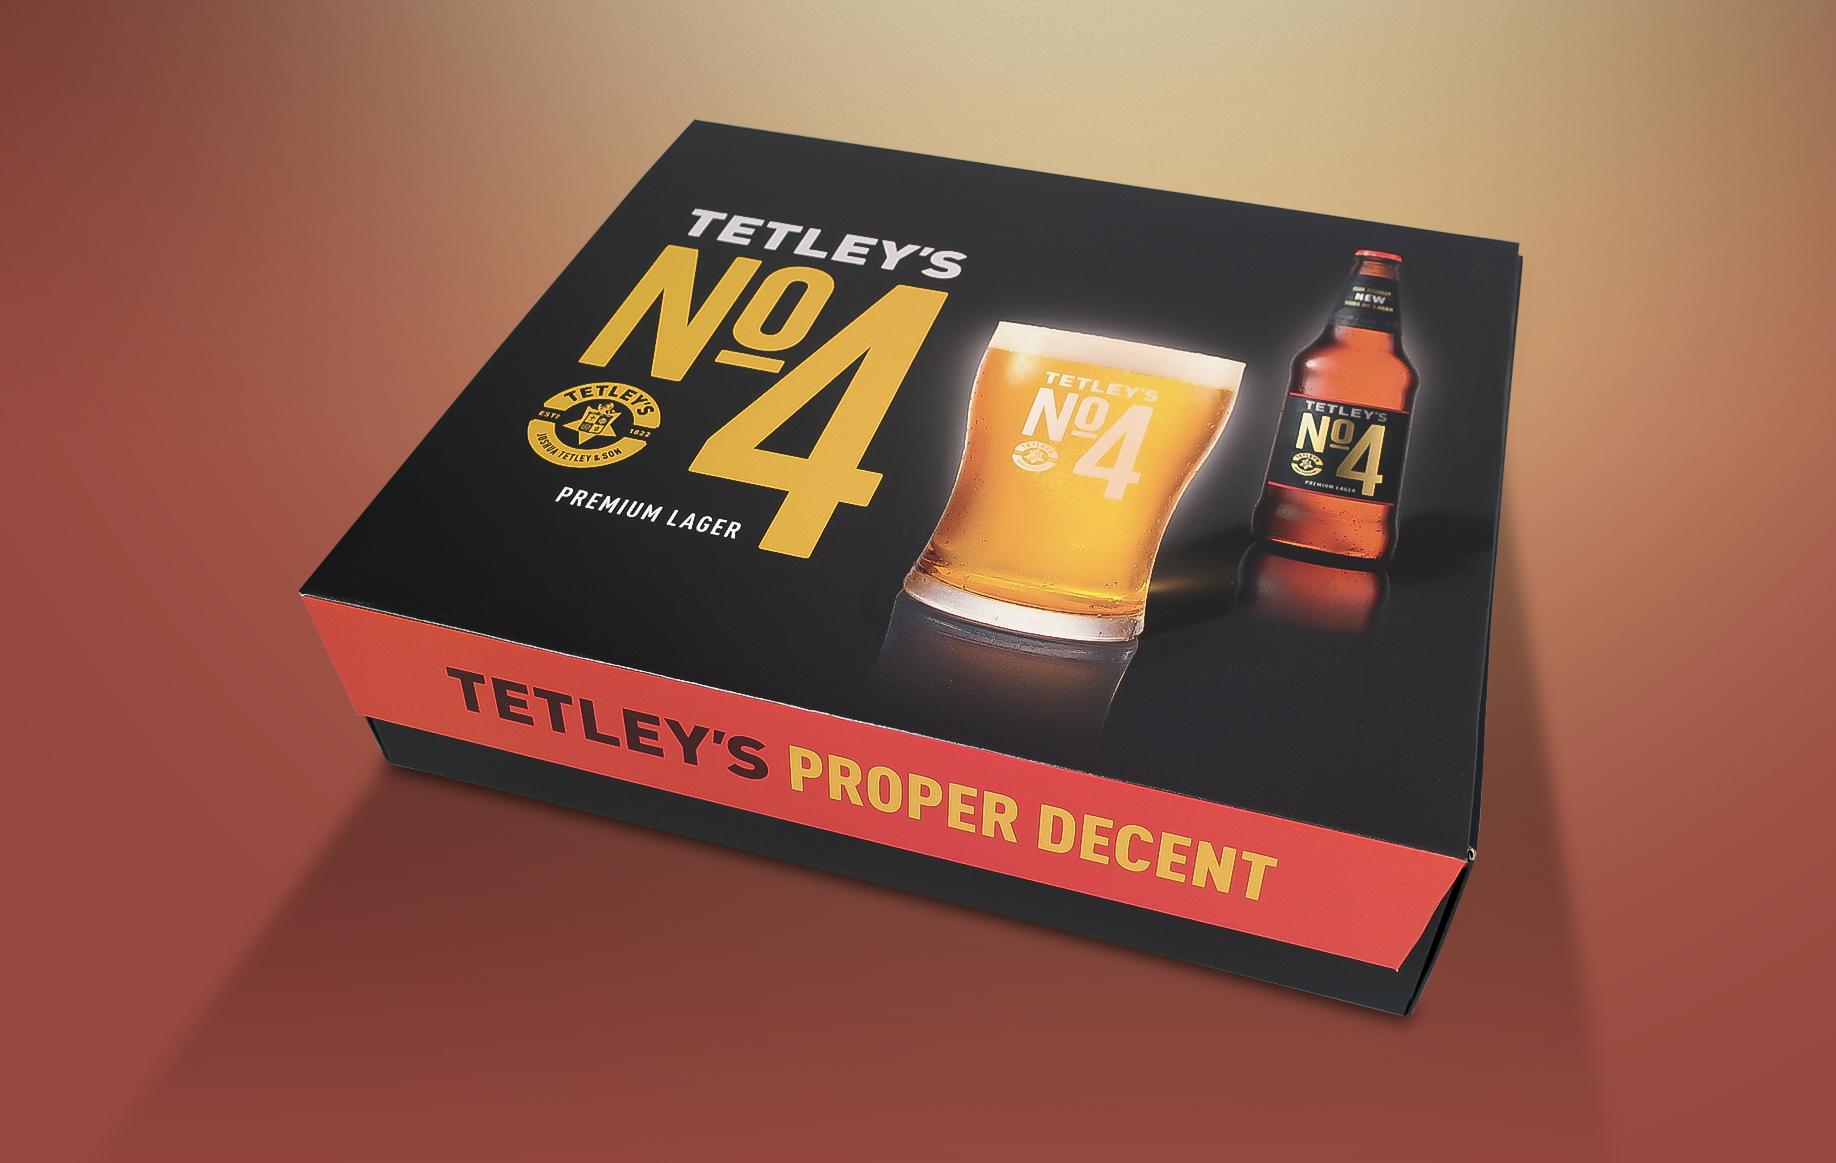 Tetleys Box